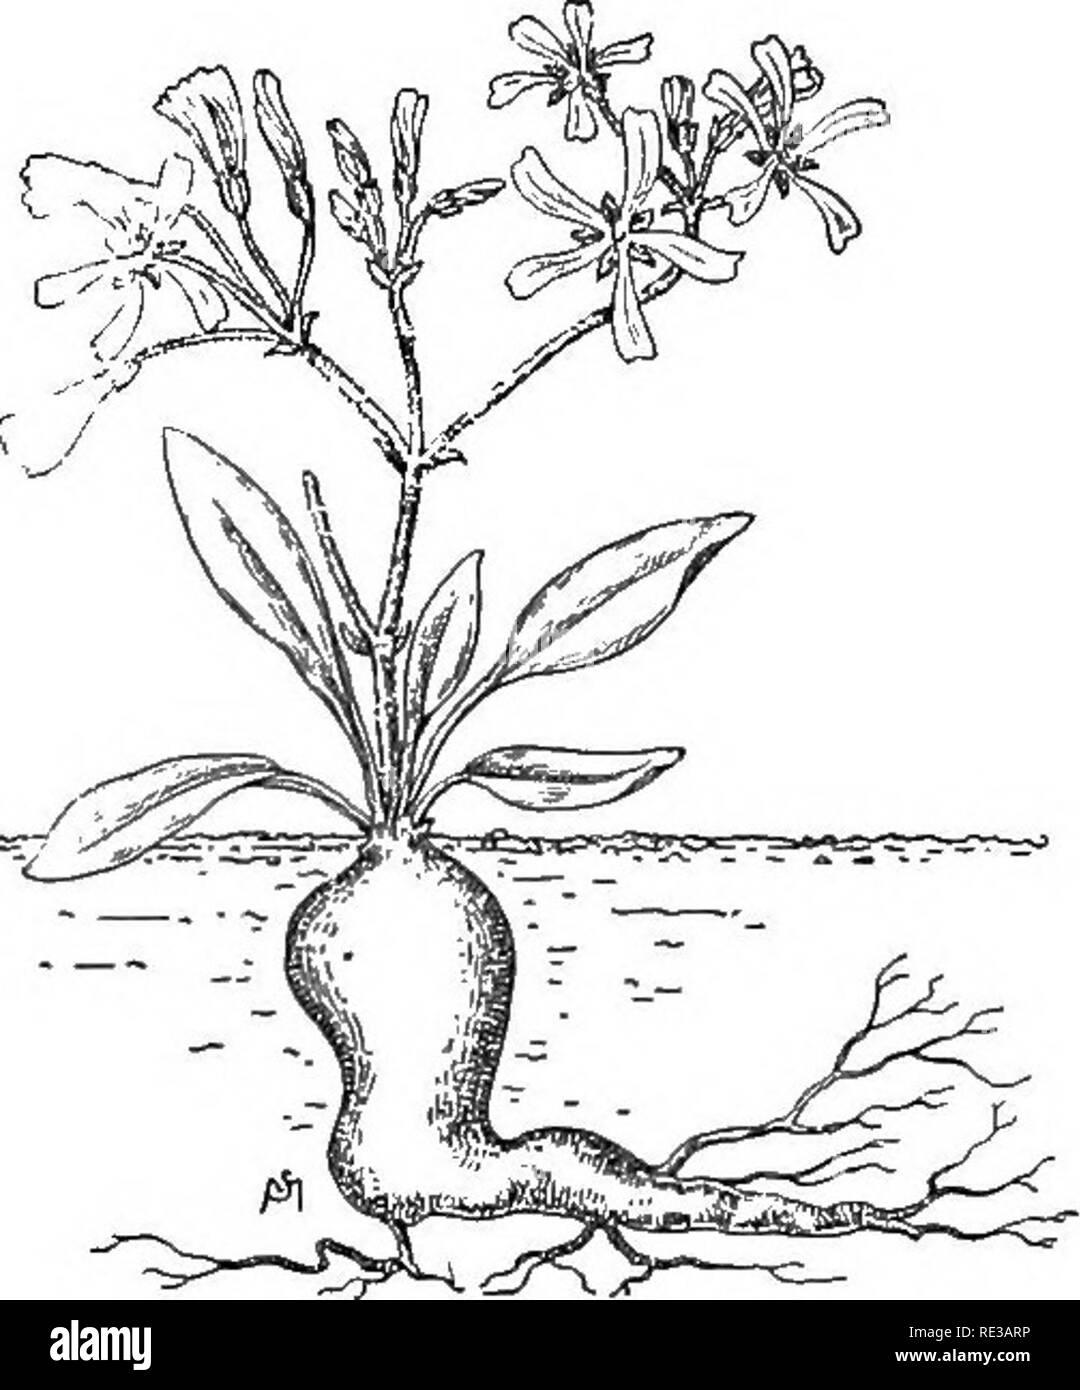 Einführung In Die Botanik Botanik Wurzeln Und Ihrer Beziehung Zu